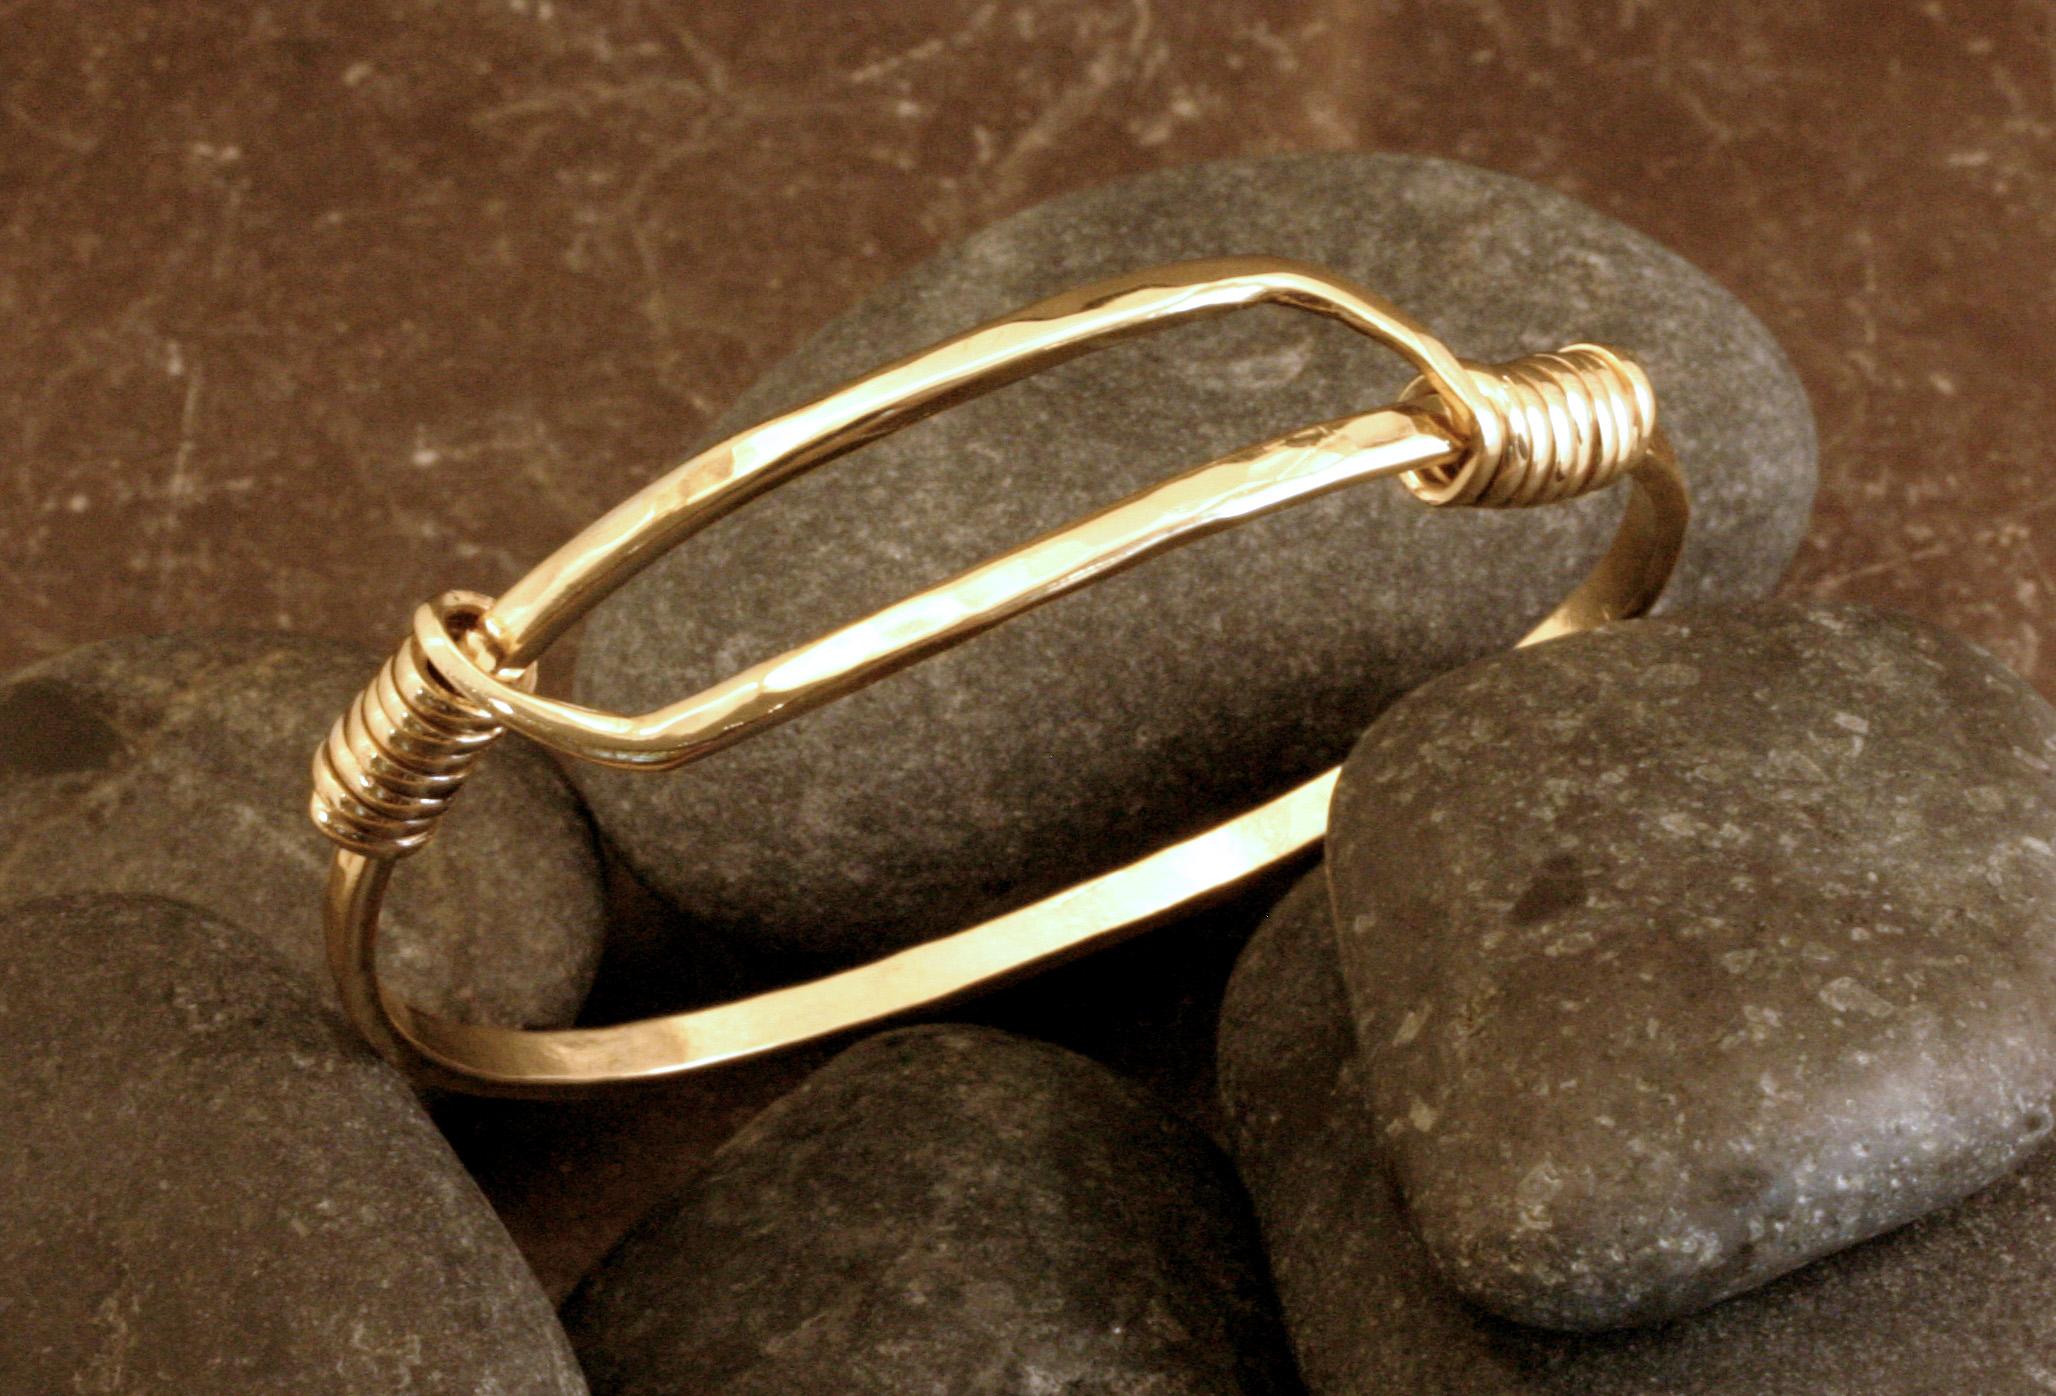 A 14K gold SR bracelet